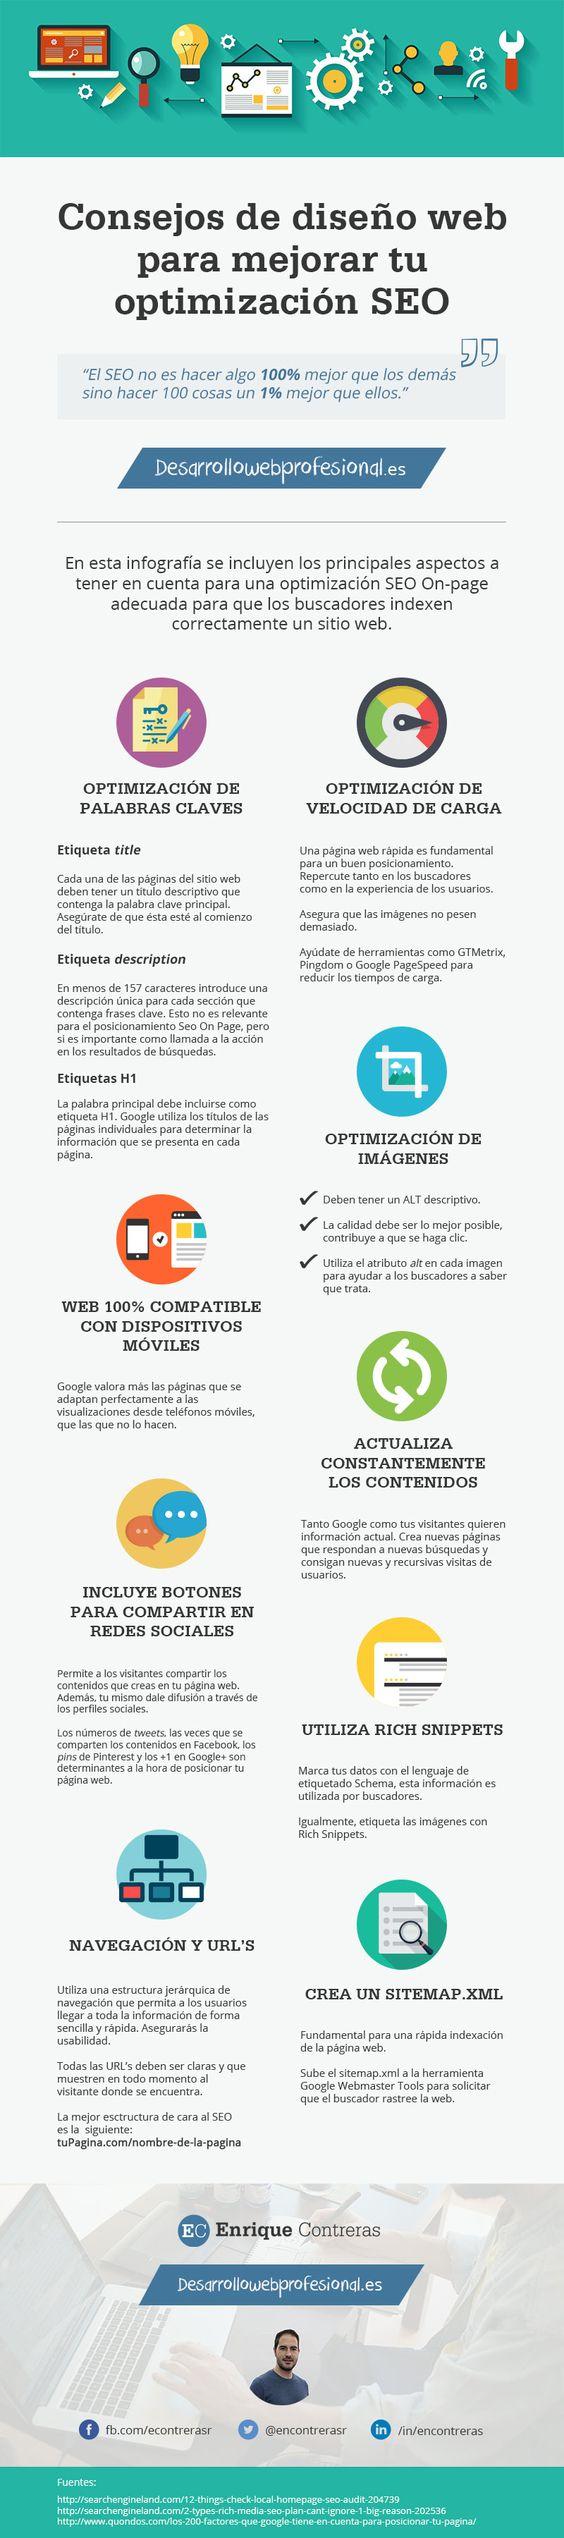 Consejos de diseño web para mejorar tu SEO on page